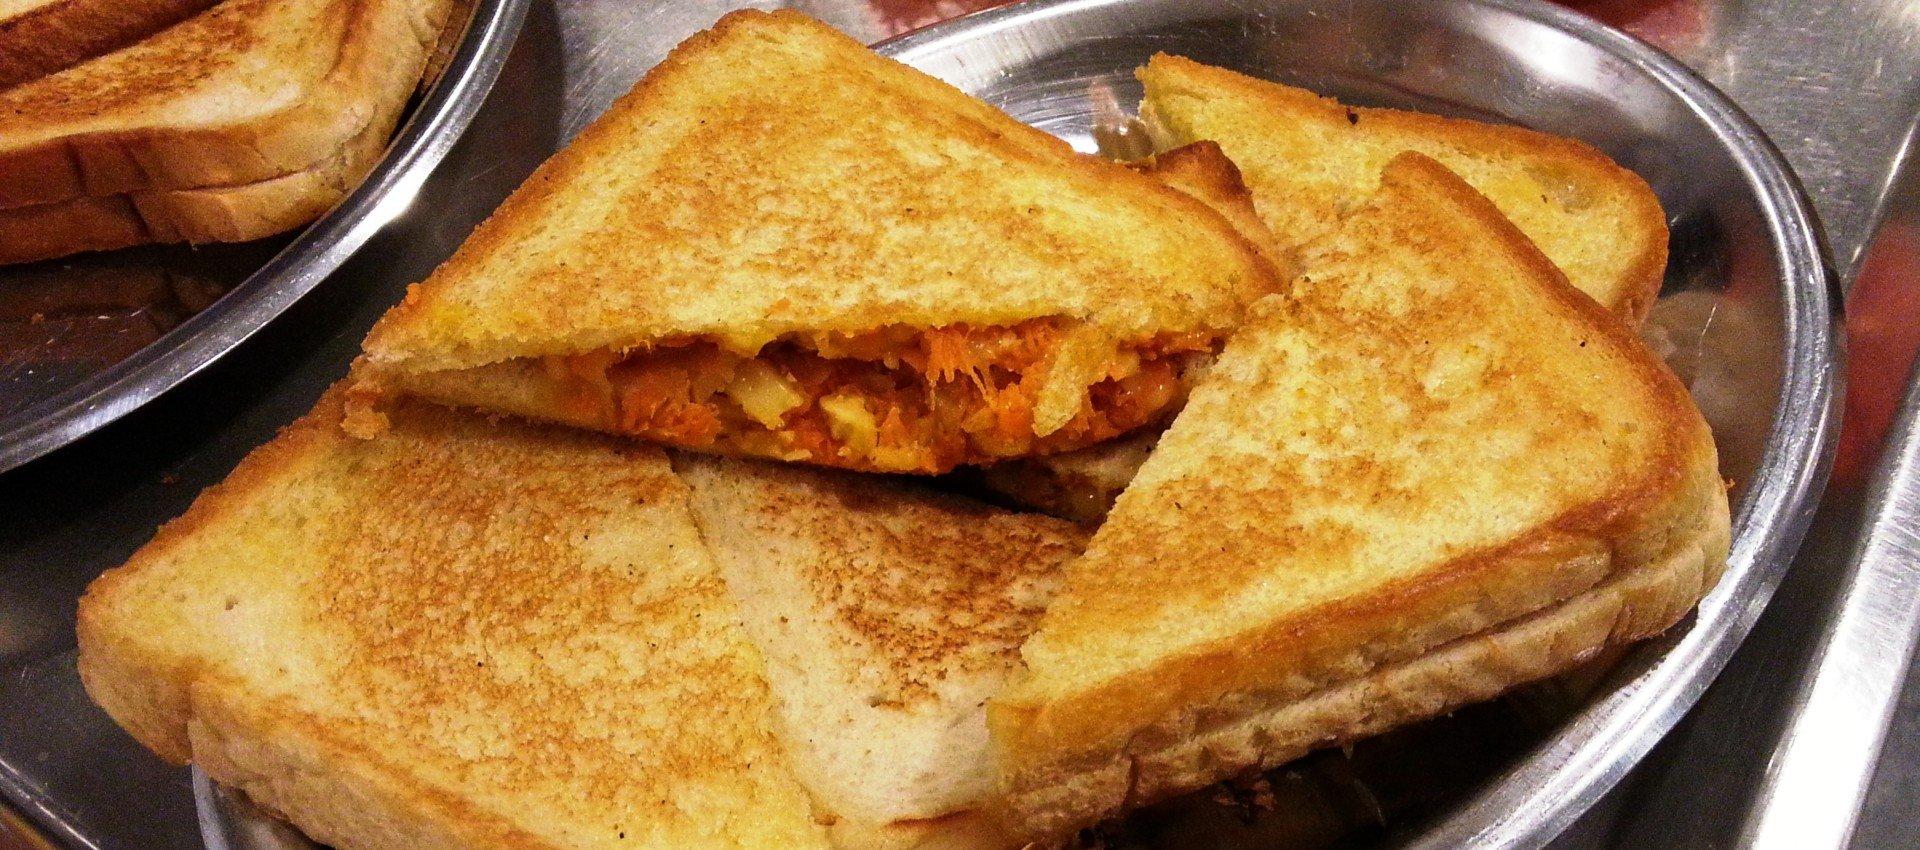 Möhren-Sandwich mit Käse